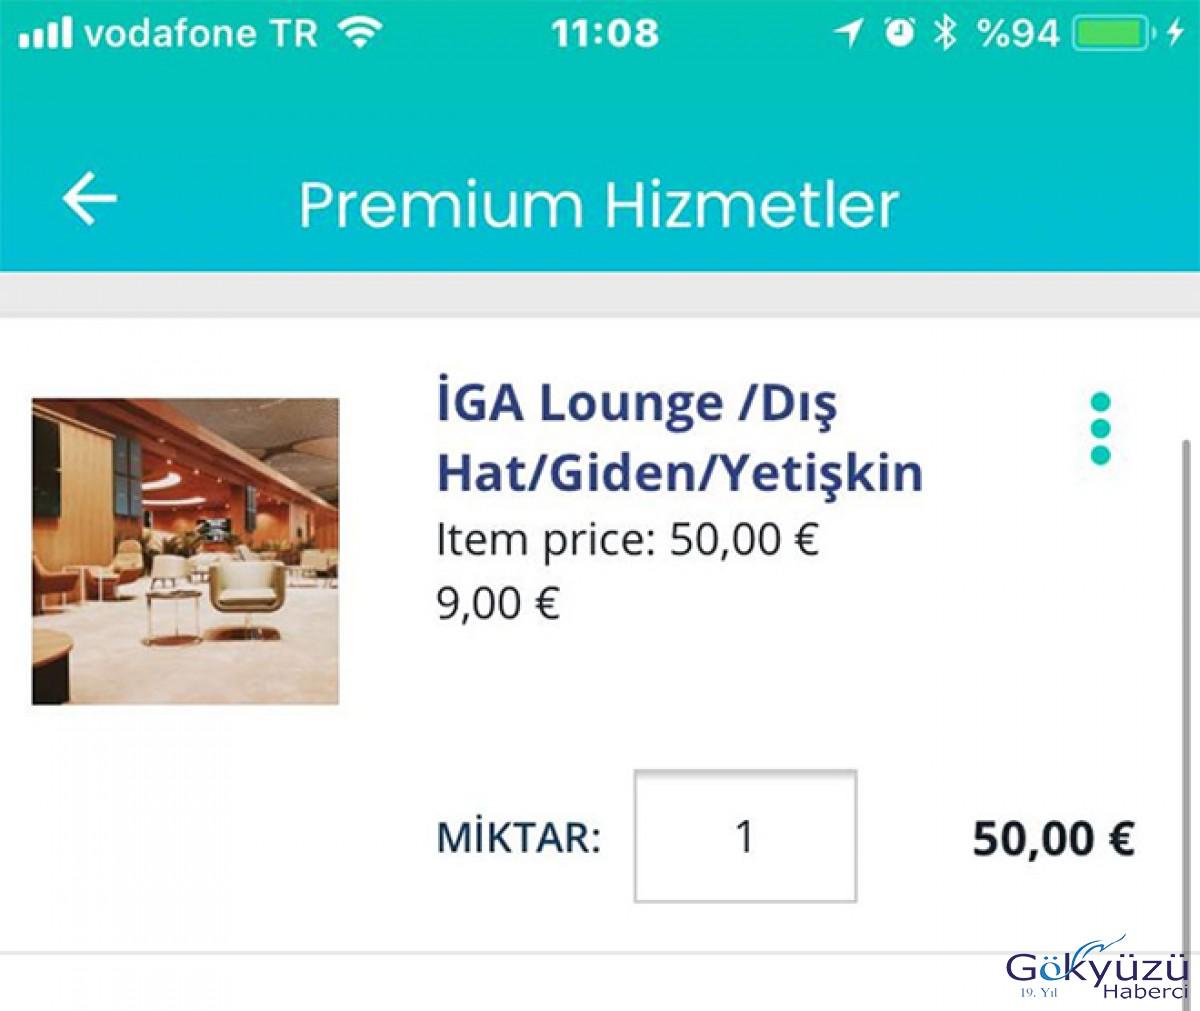 İGA'da Premium paketlerdeki fiyat farklı